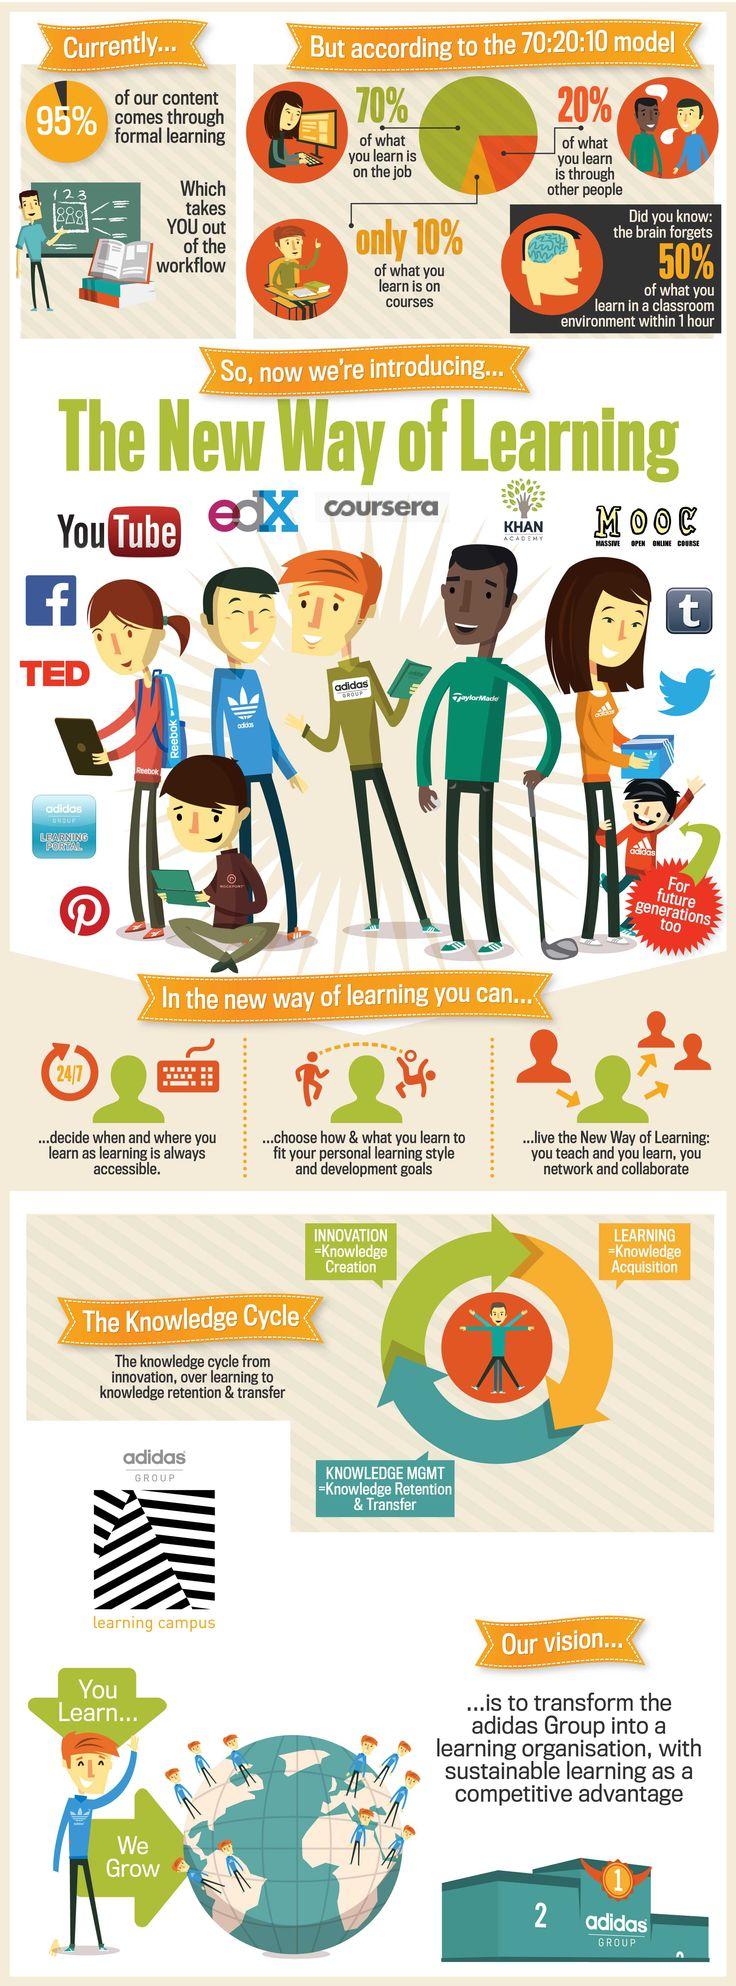 adidas Future Learn Online Campus Infografik. Lebenslanges Lernen in Unternehmen - Stichwort Corporate MOOCs. adidas scheint den richtigen Mix gefunden zu haben für die Mitarbeiter, die vornehmlich aus der Generation Y stammen. NextBigThing!